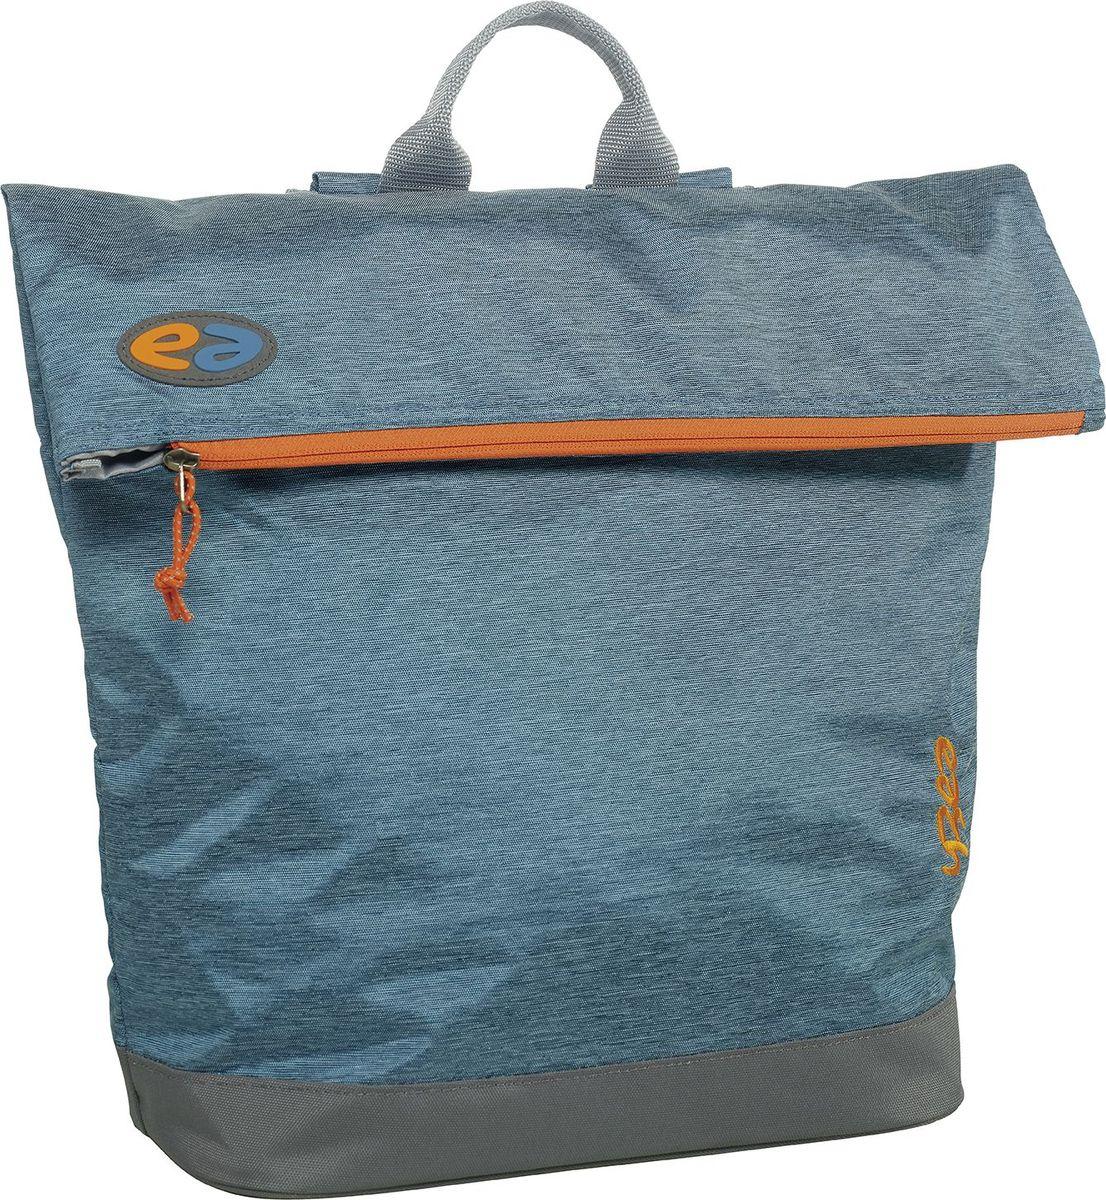 Thorka Рюкзак YZEA Courier Волна29010630063Рюкзак Thorka YZEA Courier имеет одно основное отделение. В удобном органайзере мелкие вещи всегда под рукой, имеется съемный карабин. Фиксированная короткая ручка обеспечивает удобный перенос рюкзака не только на спине, но и в руках.Этот рюкзак можно использовать для повседневных прогулок, учебы, отдыха и спорта, а также как элемент вашего имиджа.